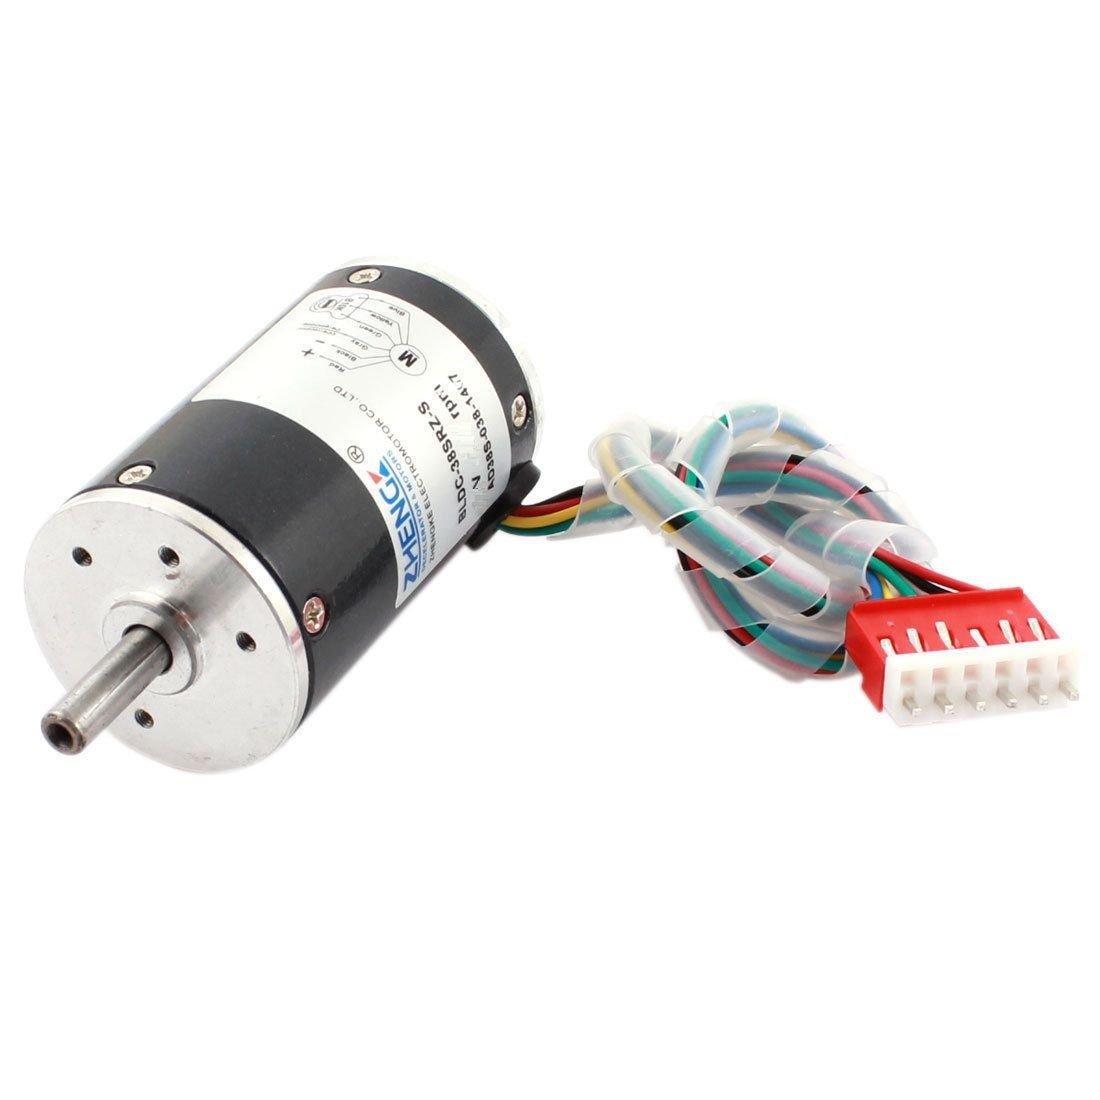 DC 12V 5000R 300G.cm 38mm Diameter Low Noise Adjustable Speed Brushless Motor